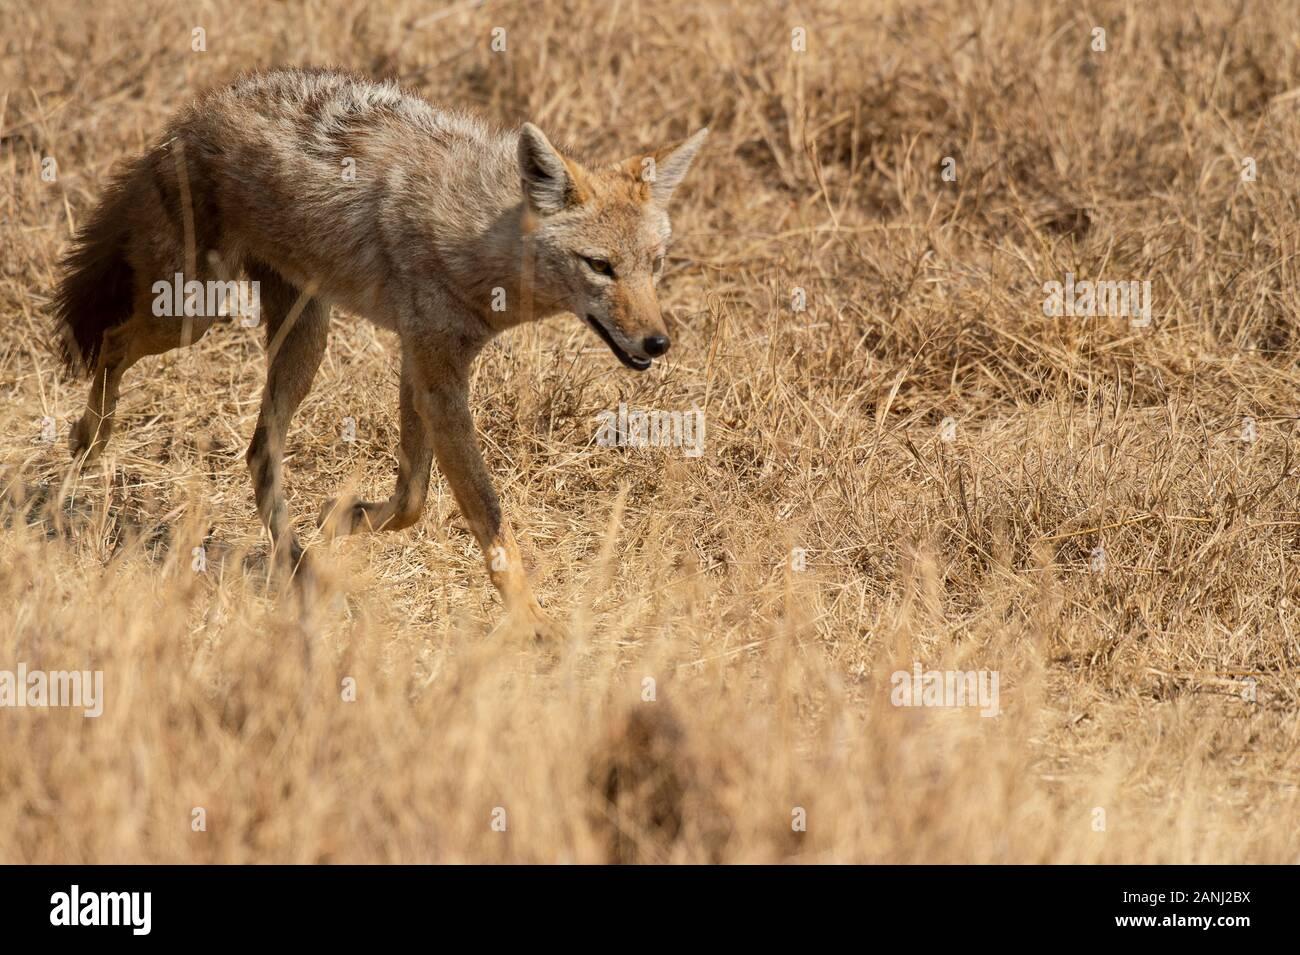 Golden Jackal, Canis Aureus, Canidae, Ngorongoro Conservation Area, Tanzanie, Afrique Banque D'Images